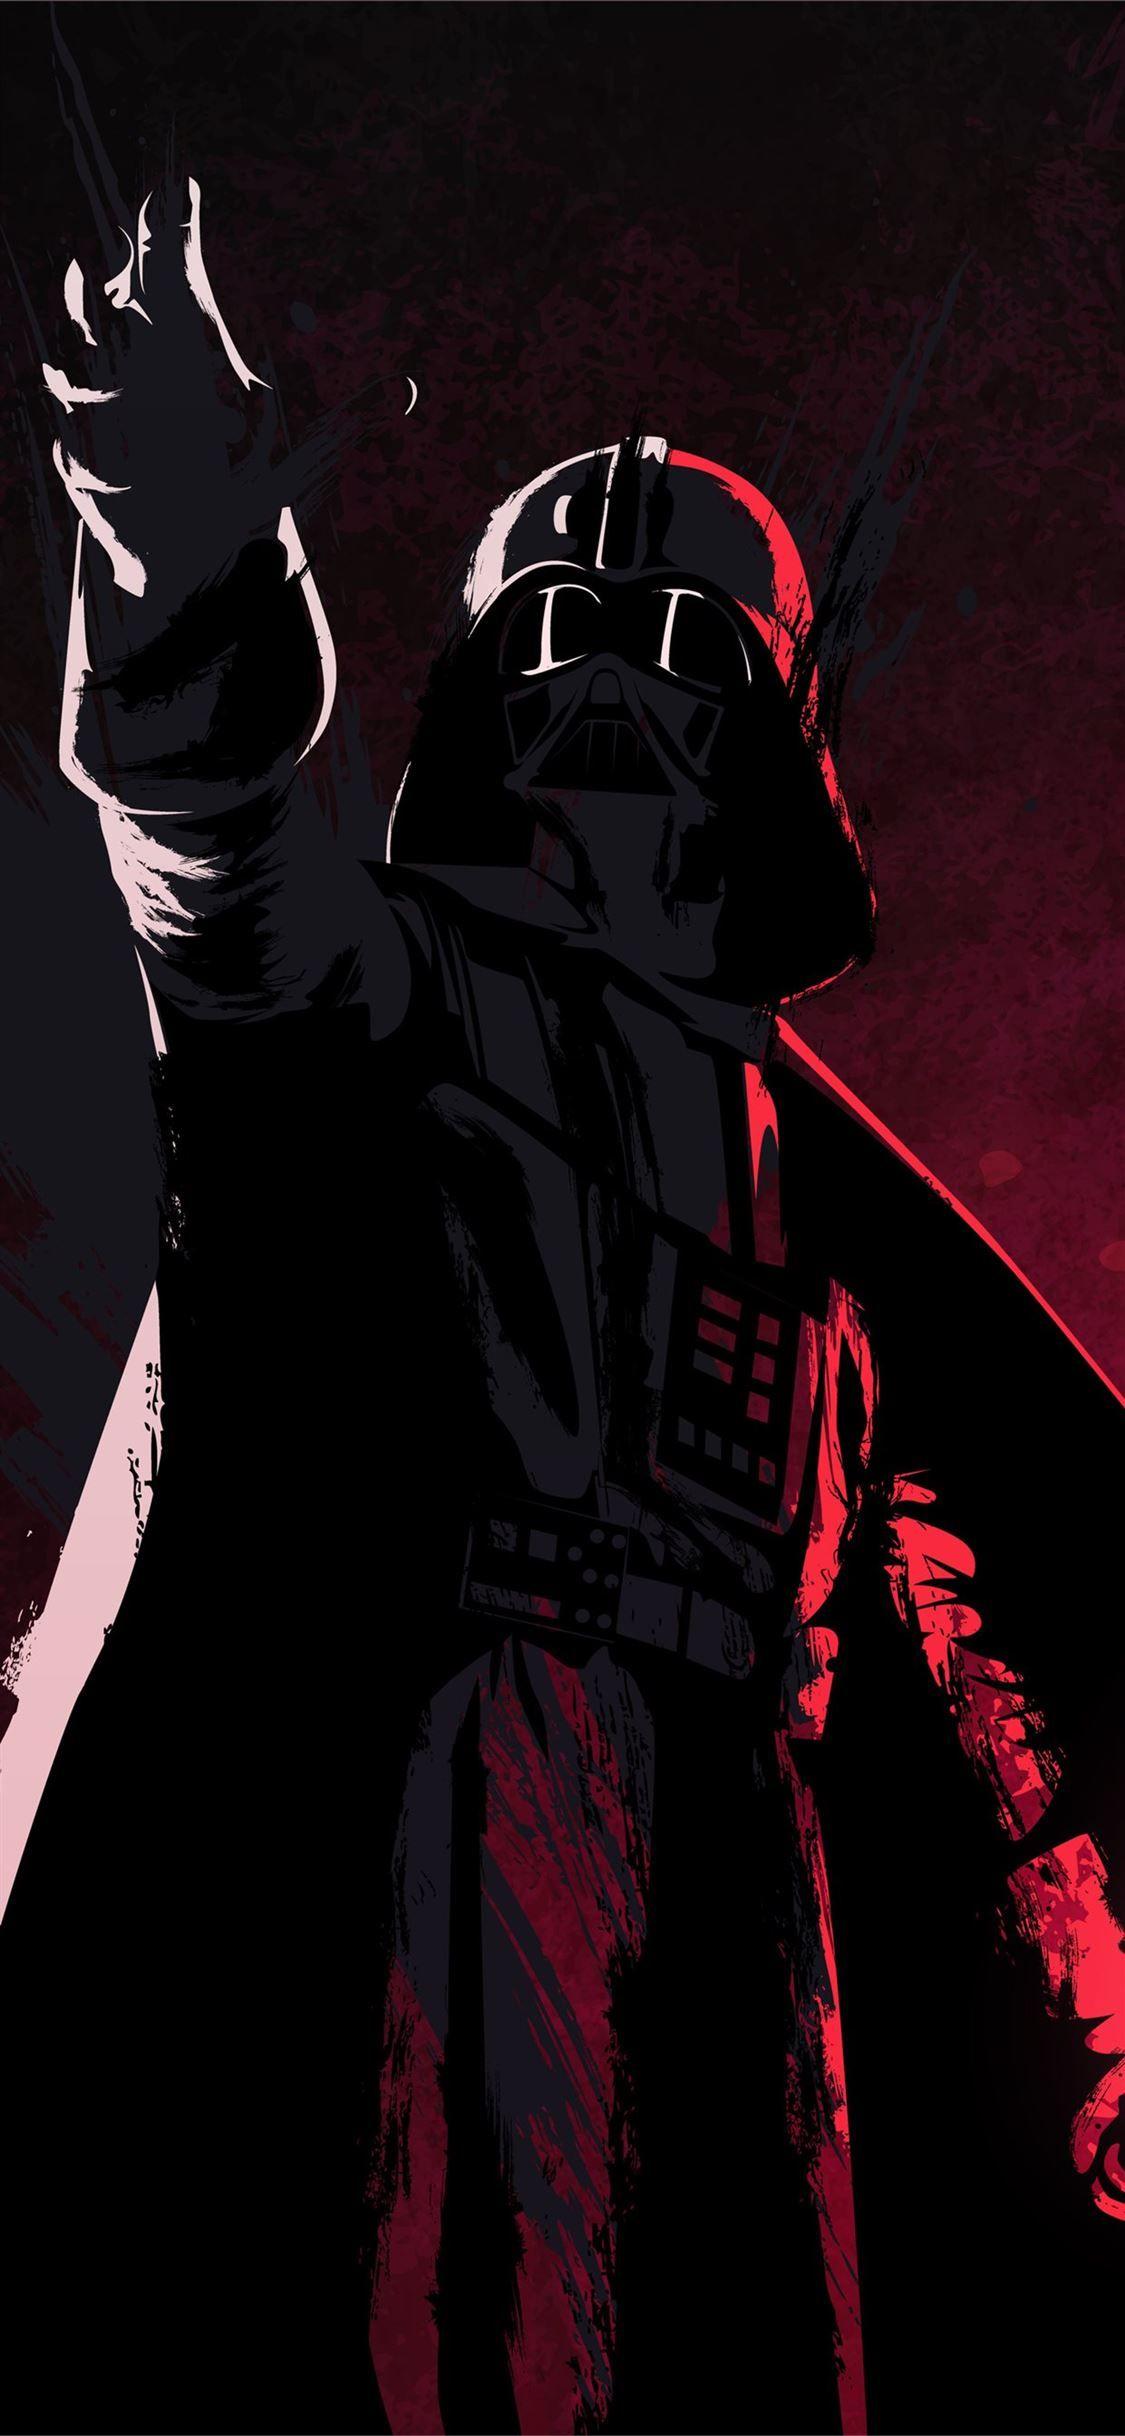 8k Darth Vader Darthvader Movies Starwars 4k 5k 8k Iphone11wallpaper Darth Vader Wallpaper Iphone Darth Vader Wallpaper Iphone 11 Wallpaper